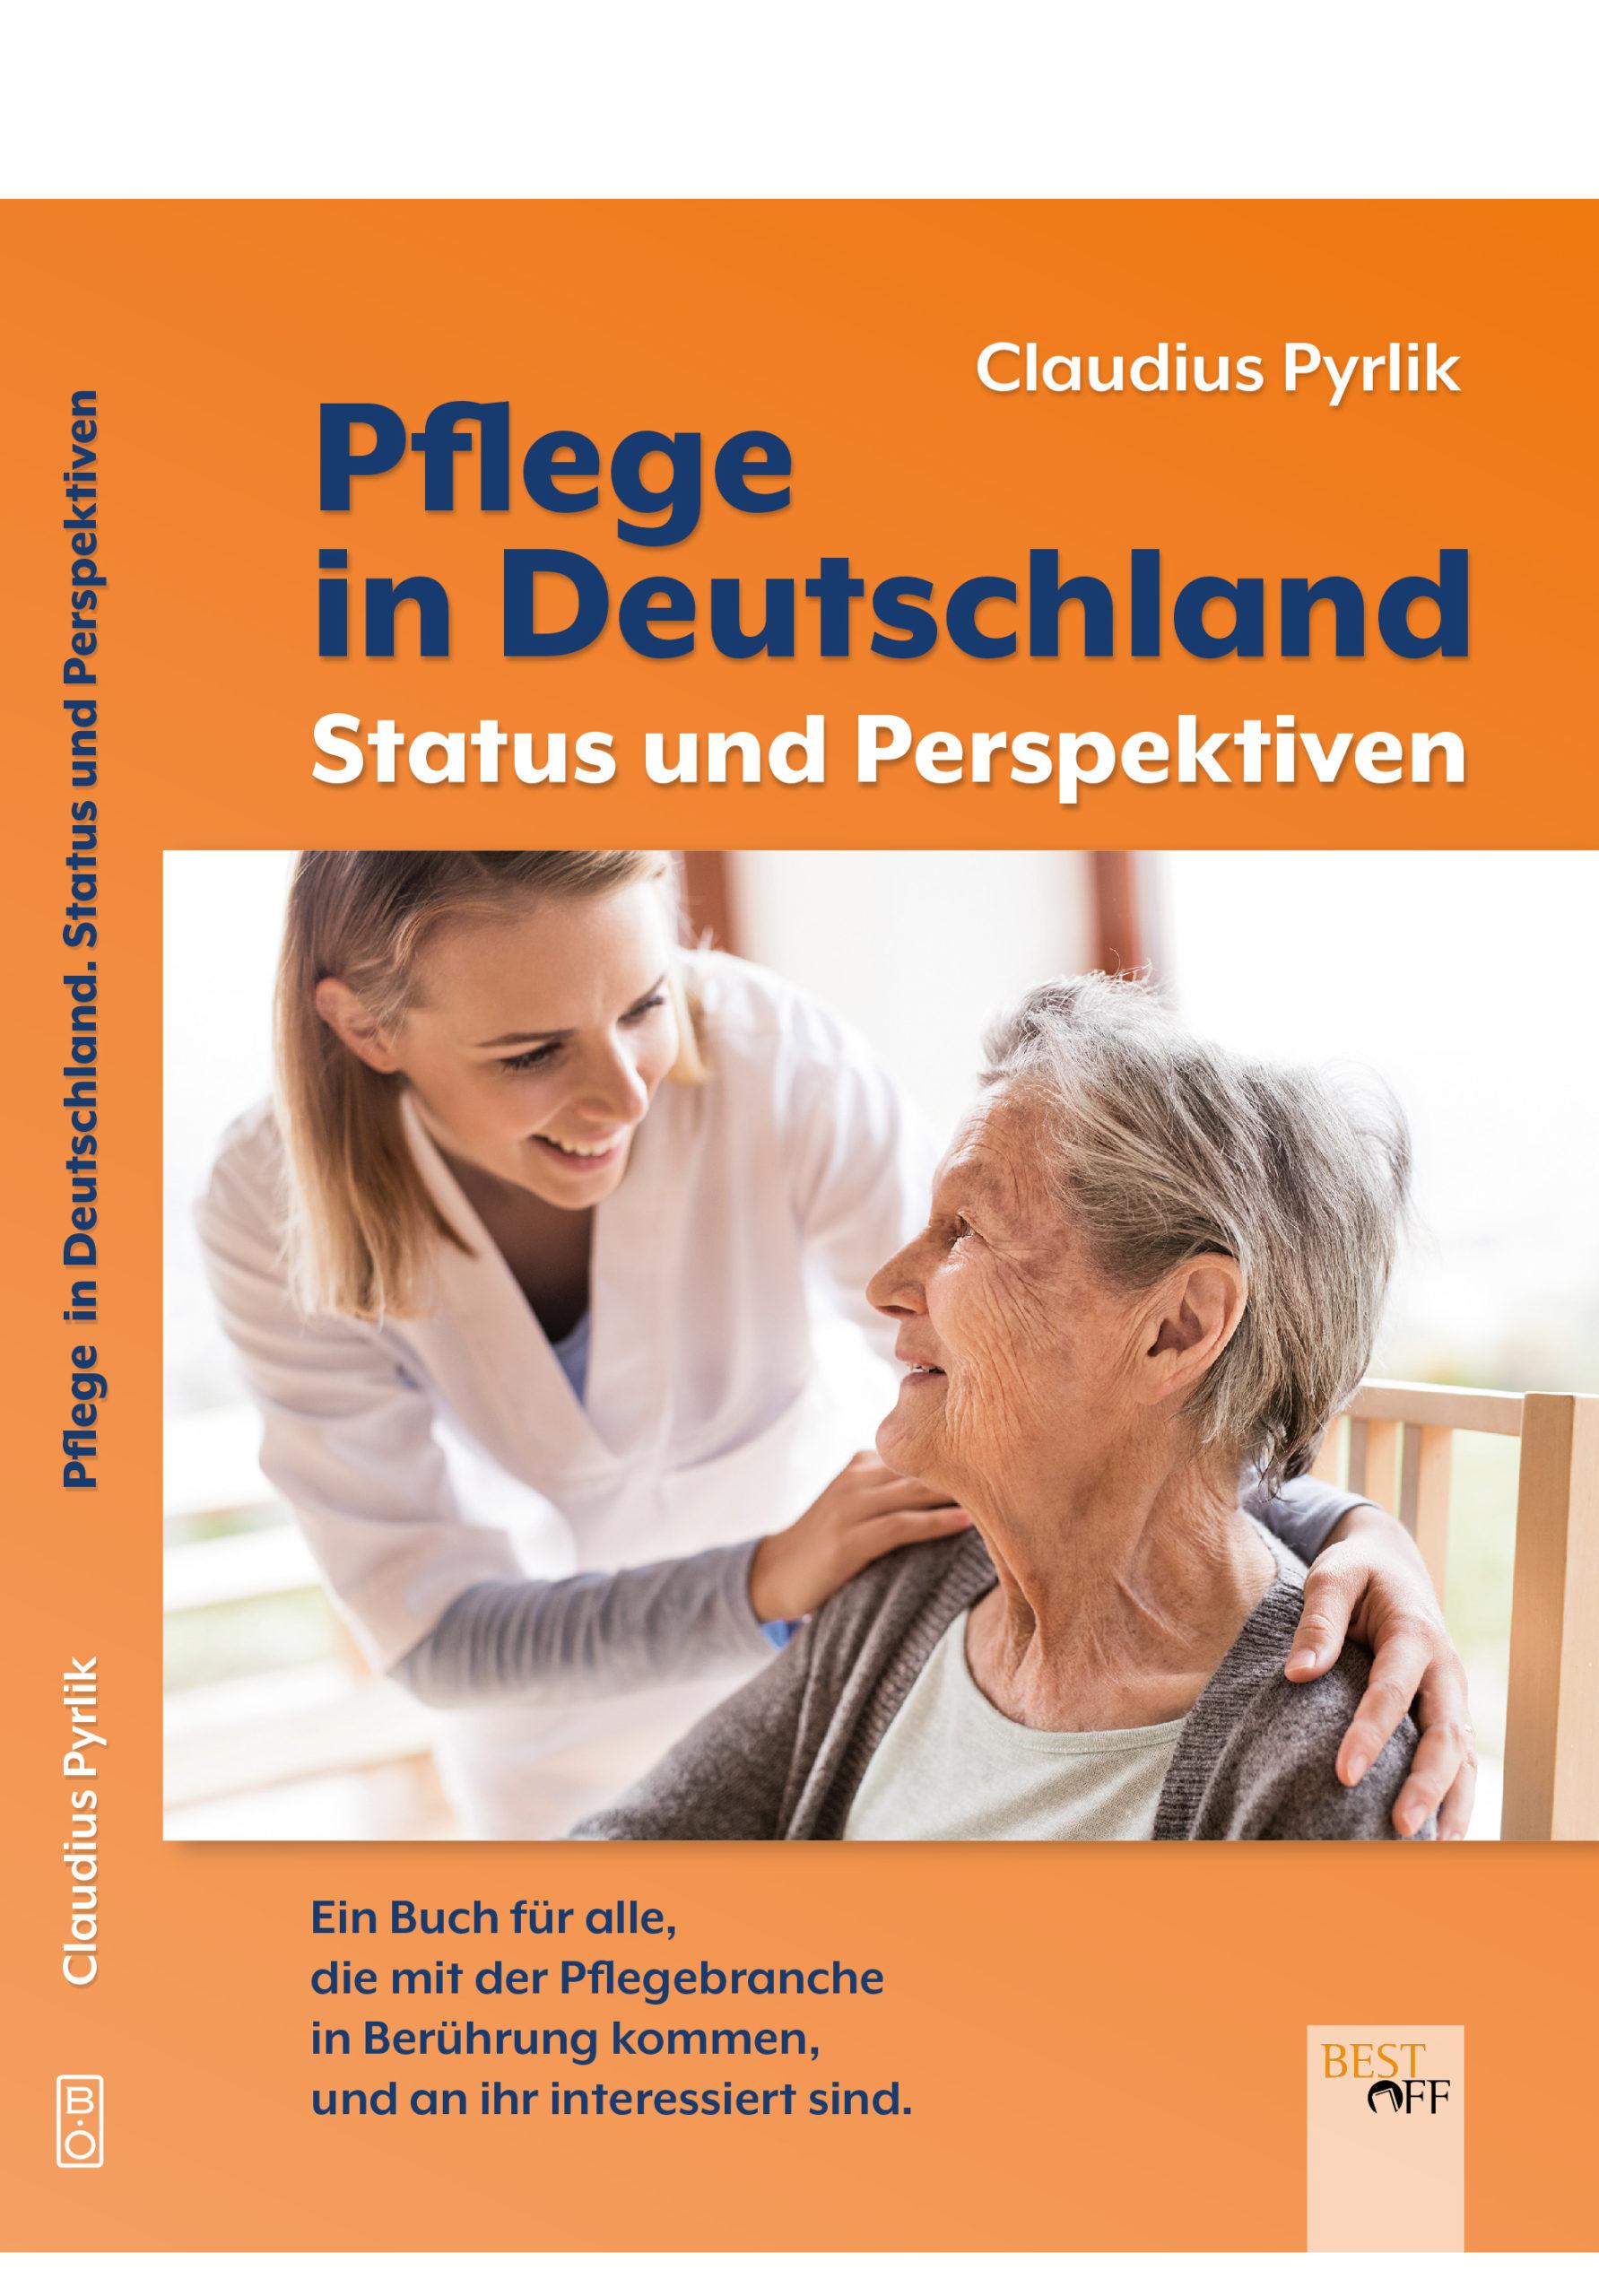 Plege in Deutschland, Bestoffverlag.de